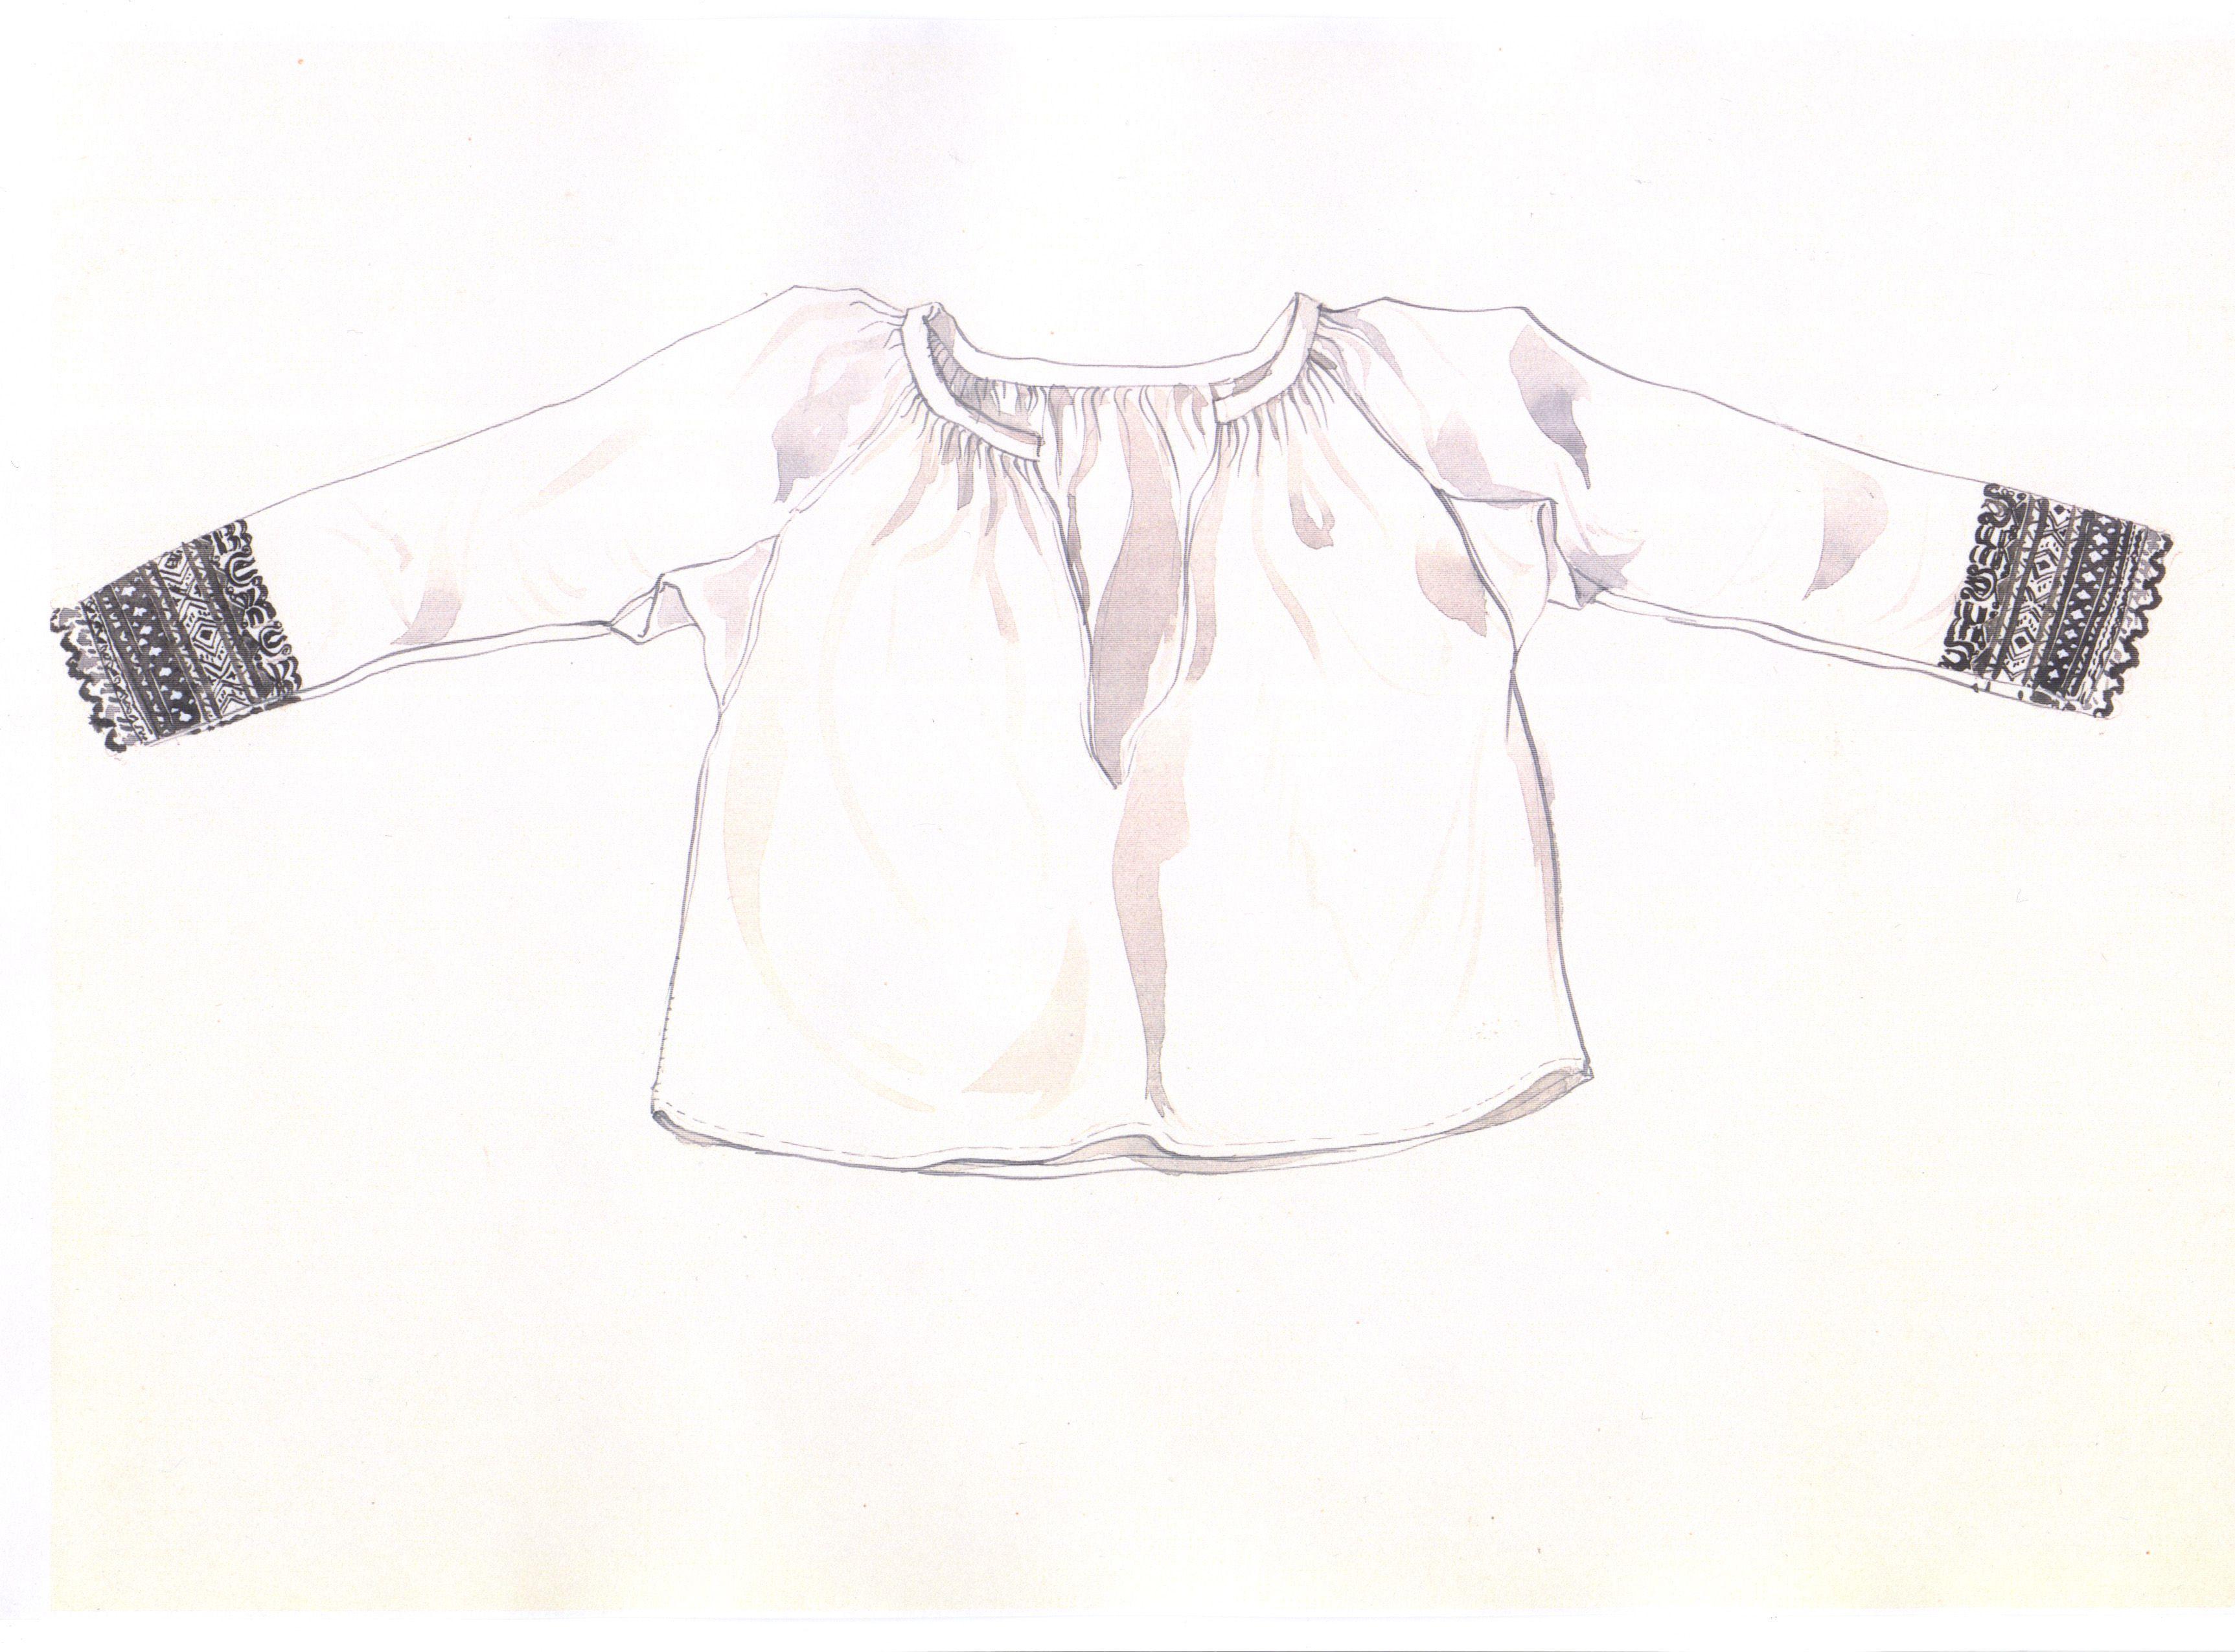 Rukávce, Veľké Zálužie, začiatok 20. storočia. Rukávce (košeľa) sú ušité z domáceho bavlneného plátna. Majú rovný strih s bokom prišitými rukávmi. Horný okraj predného i zadného dielu spolu s horným okrajom rukávov sú naberané a všité do hrubšieho obalka. Rukávy sú rovné a úzke, siahajú po zápästia. Čierna výšivka na koncoch rukávov dokladá, že rukávce boli určené na obdobie smútku alebo pôstu. Lokálny názov vychádza z toho, že rukávce sa šili z domáceho bavlneného plátna. Keby boli z…